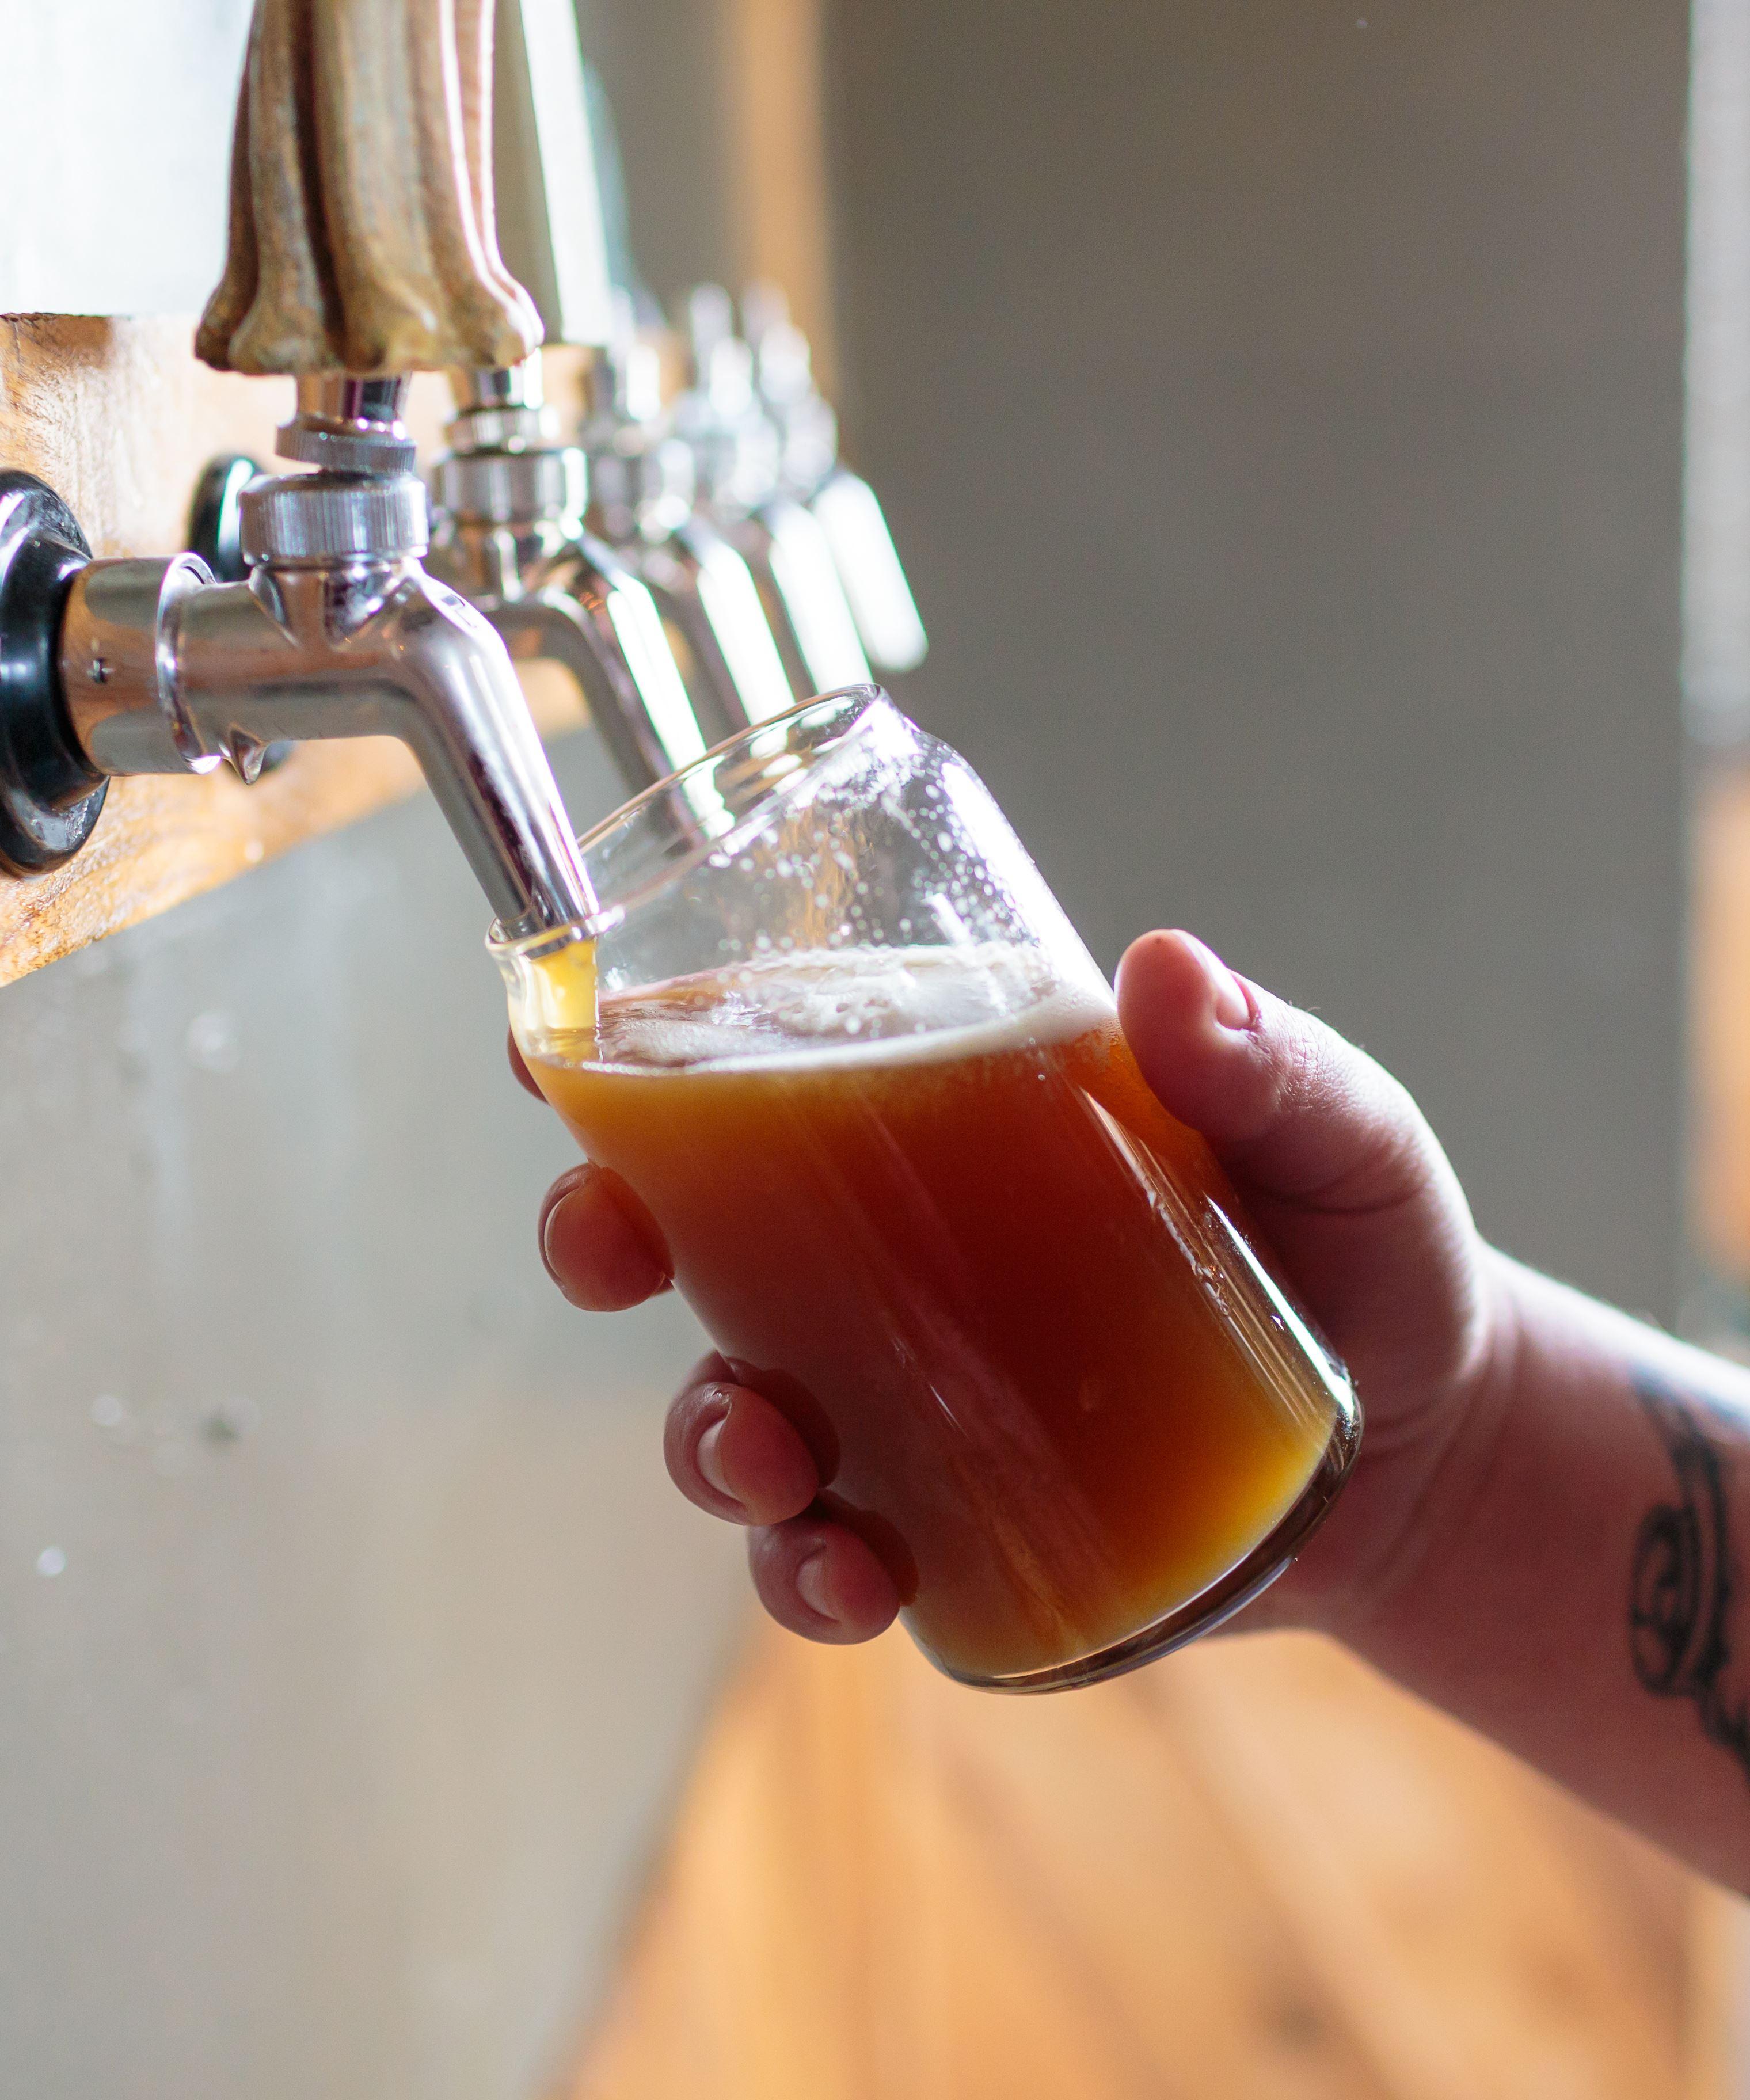 Shutterstock, Øl fra tappekran